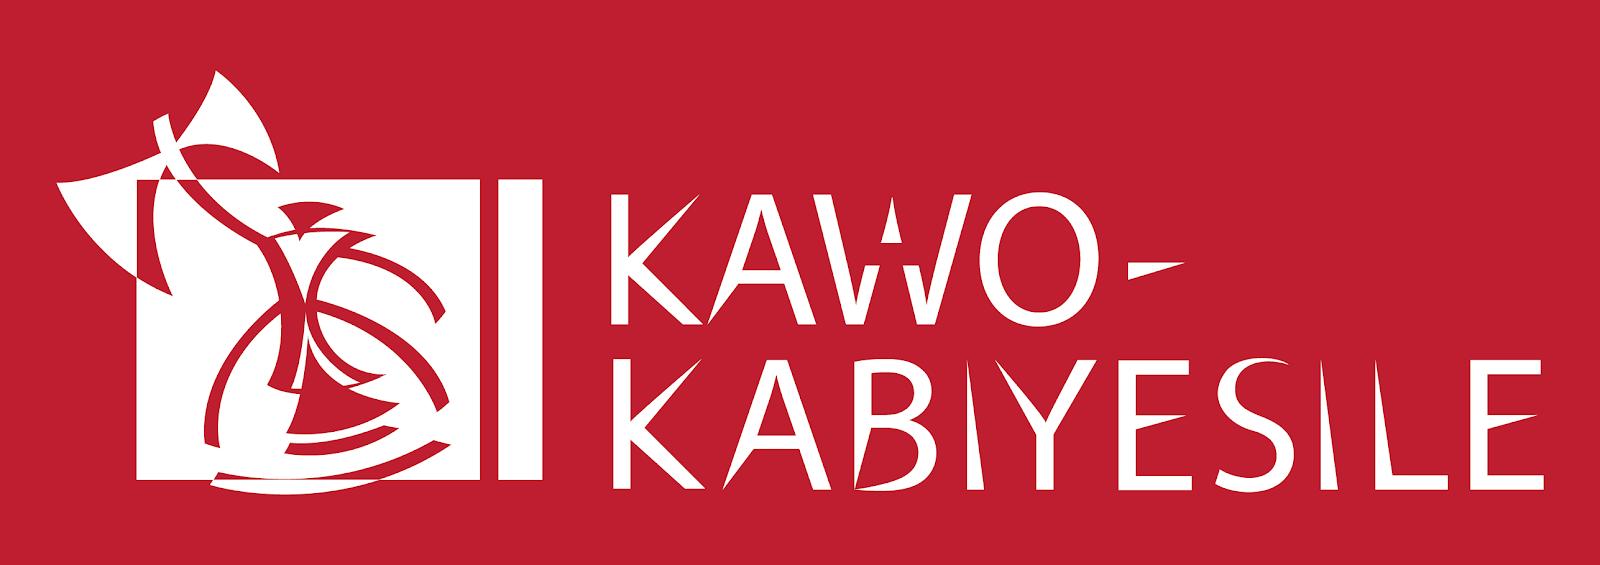 Kawo Kabiyesile